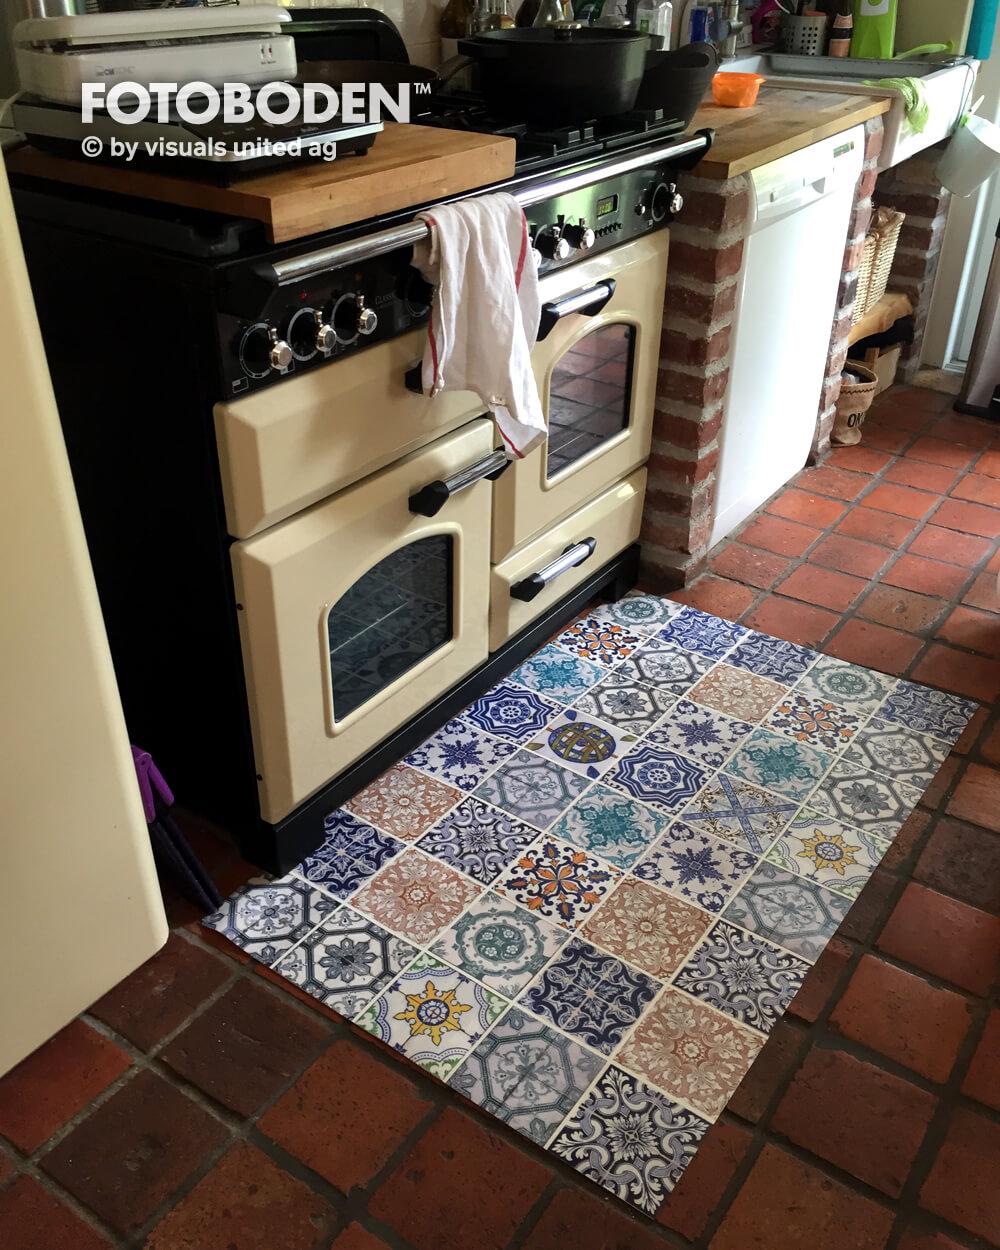 Küche RetroMyfotoboden fotoboden